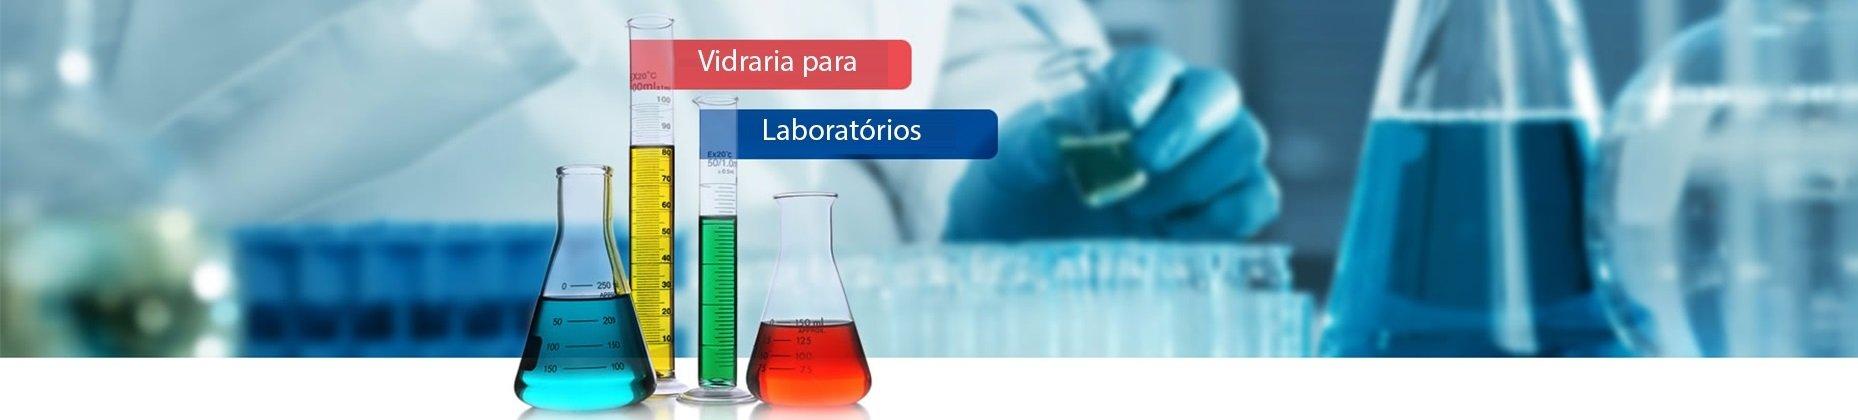 Vidraria para laboratório